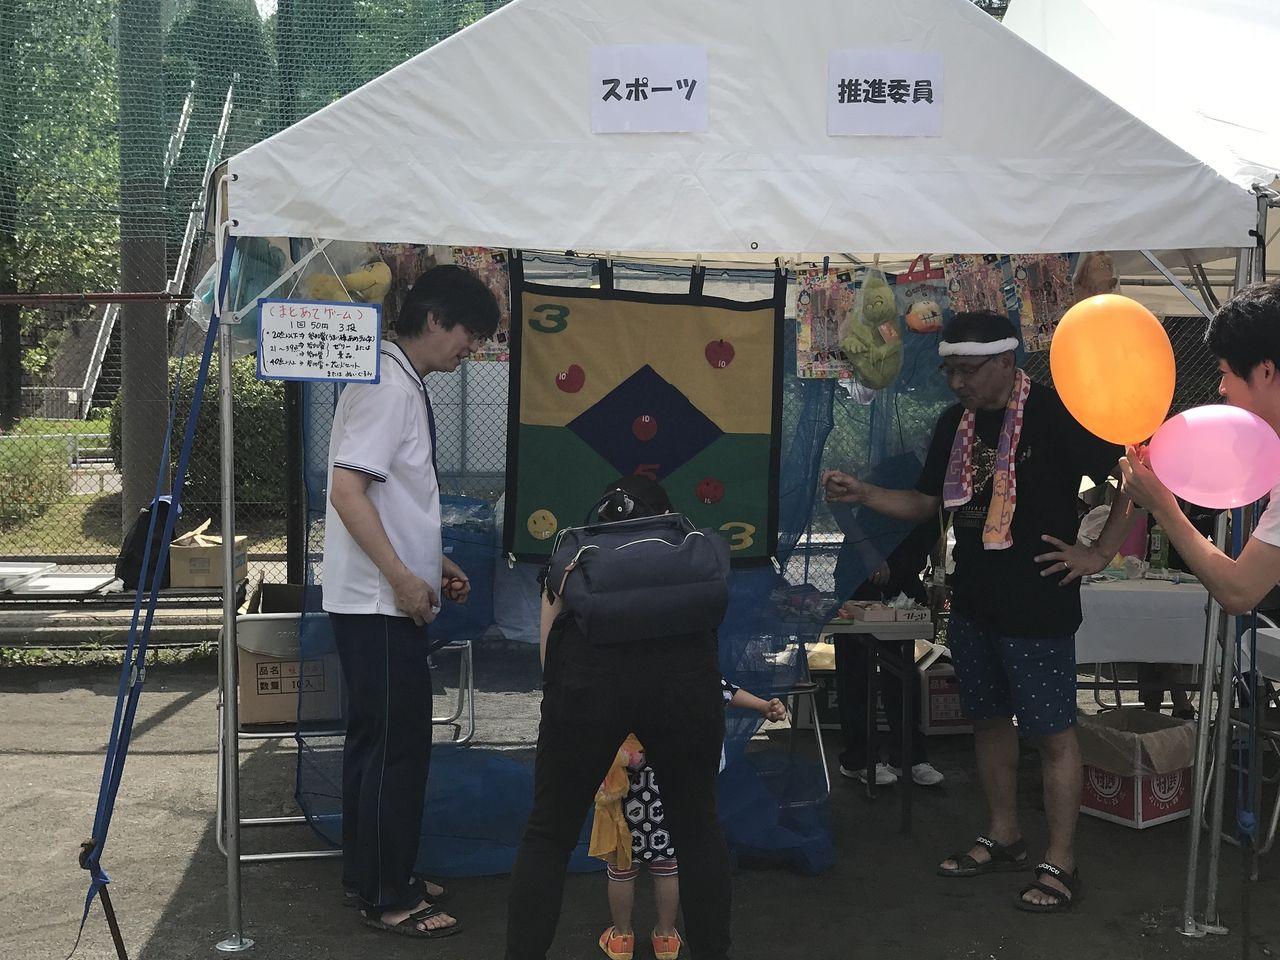 2018年たまプラーザ夏まつり・盆踊り会場・スポーツ推進委員